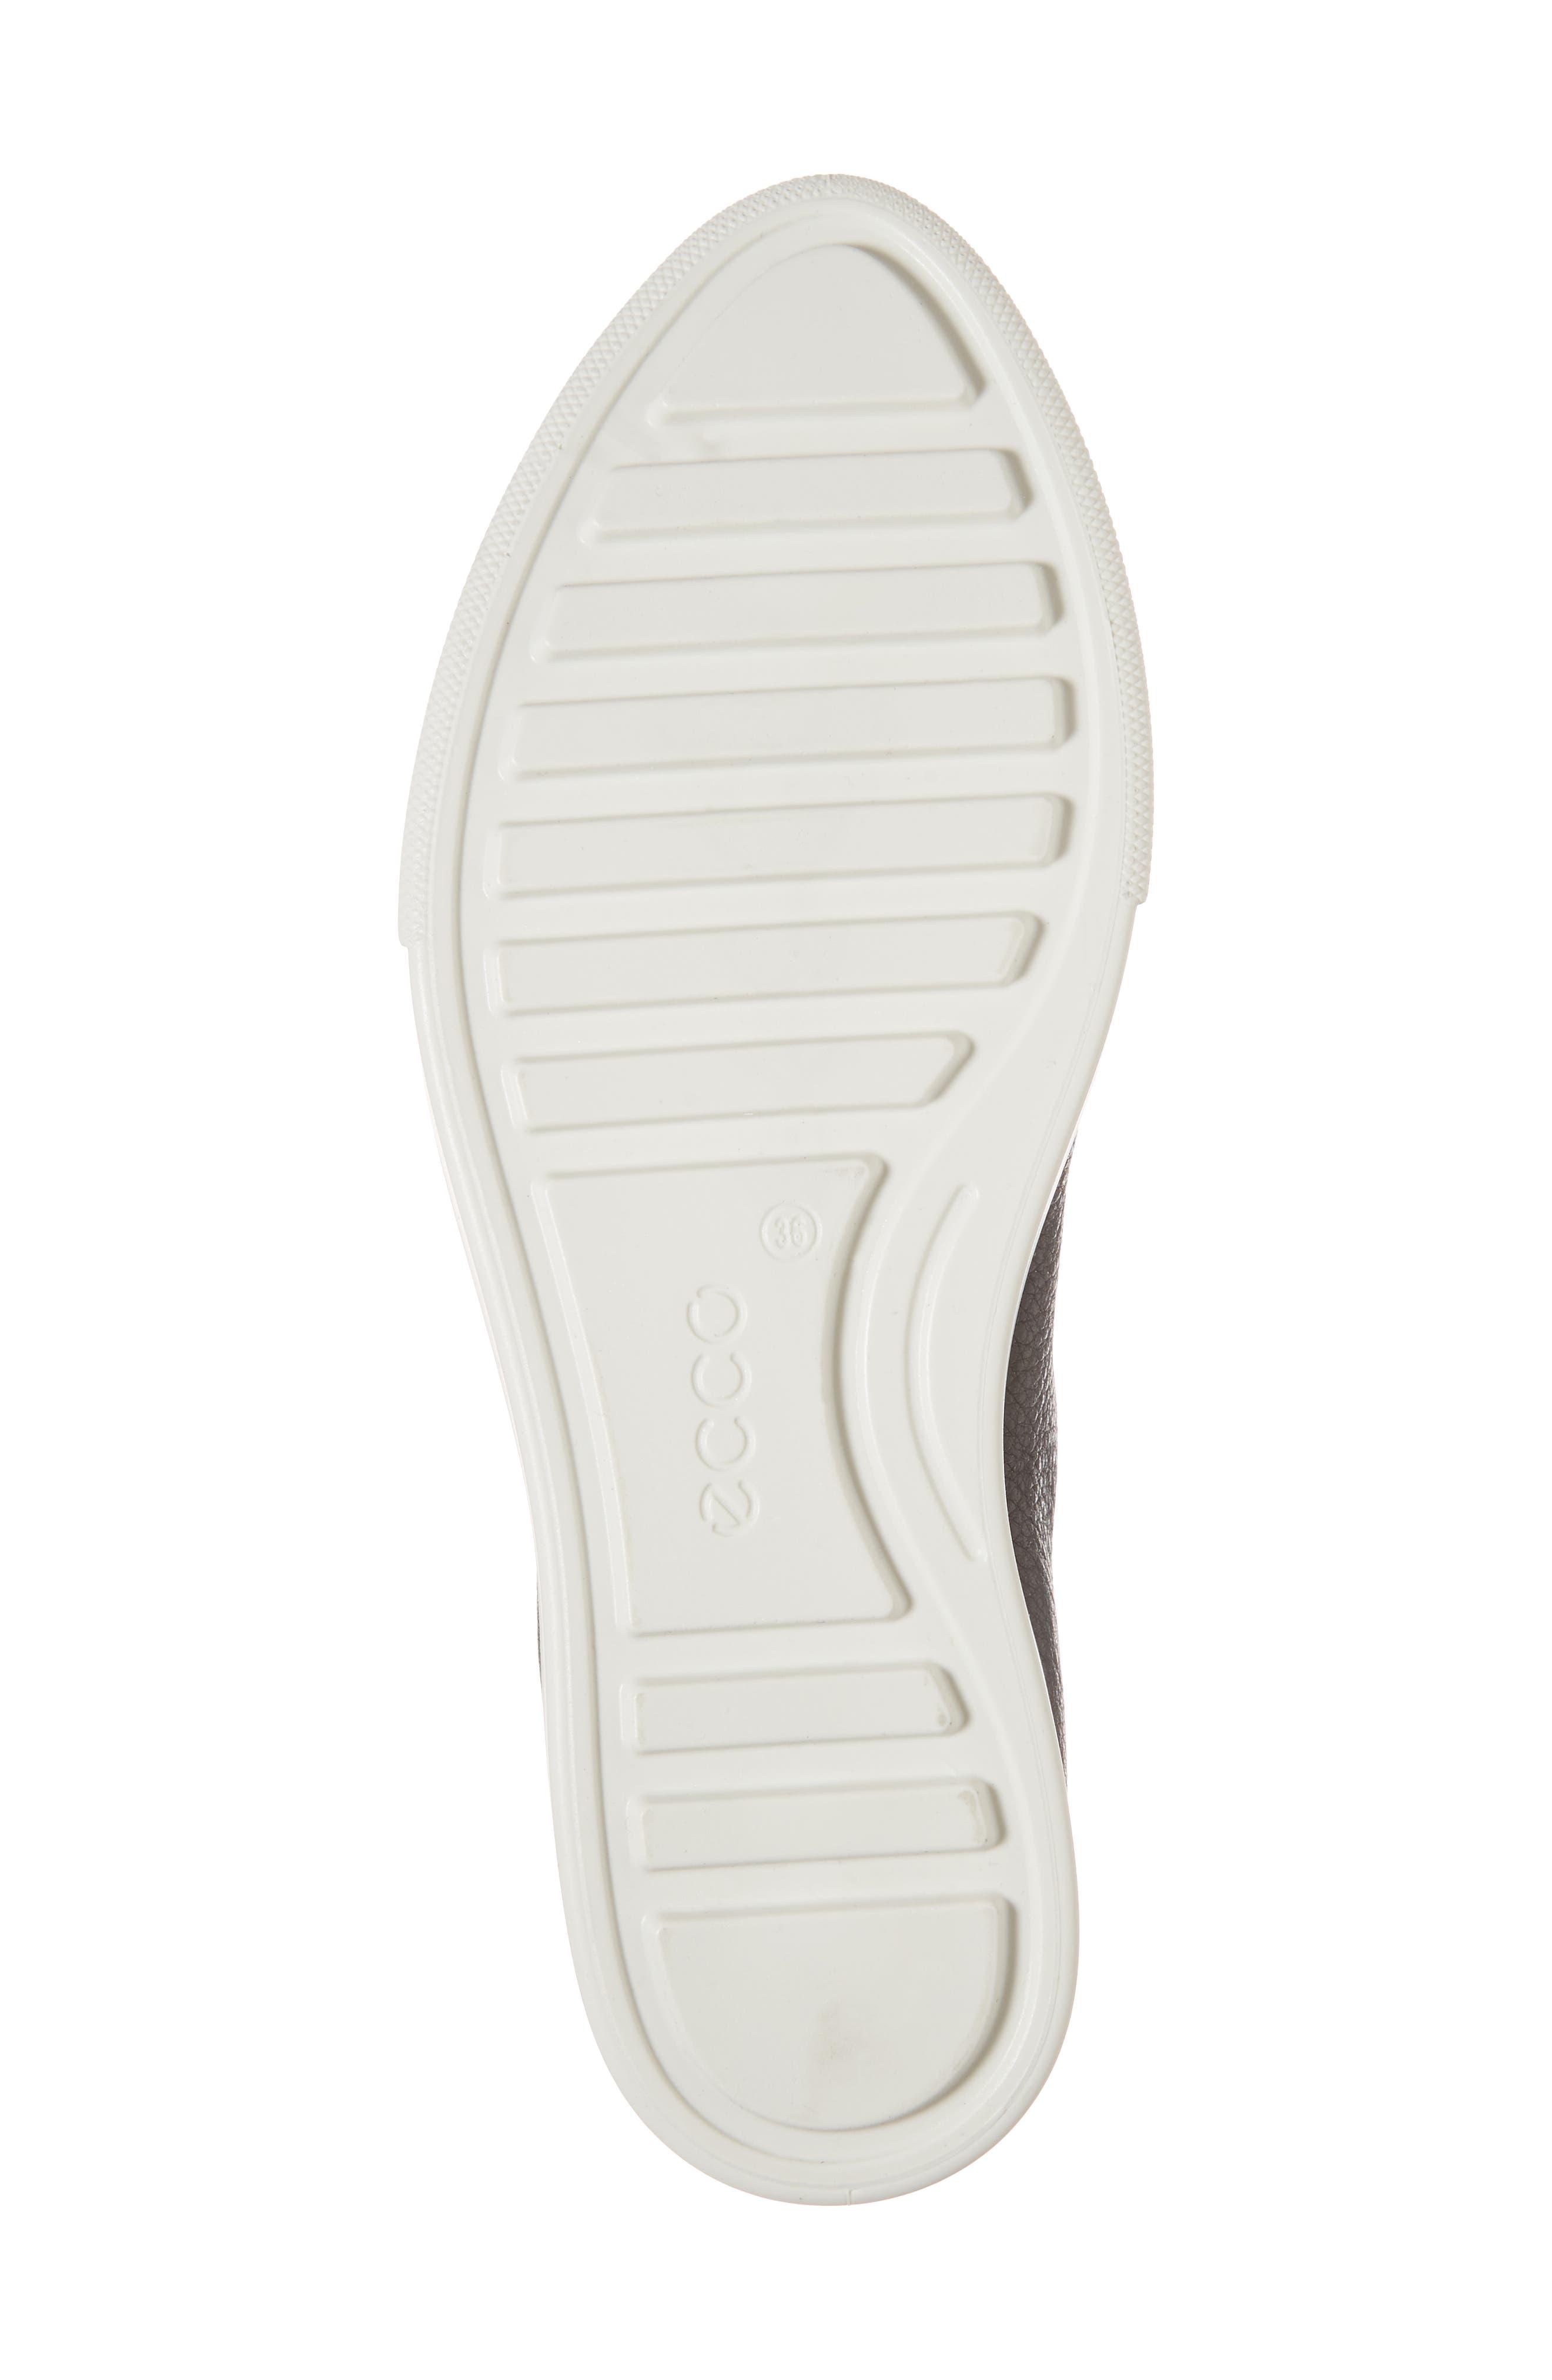 Gillian Slip-On Sneaker,                             Alternate thumbnail 6, color,                             Black Leather